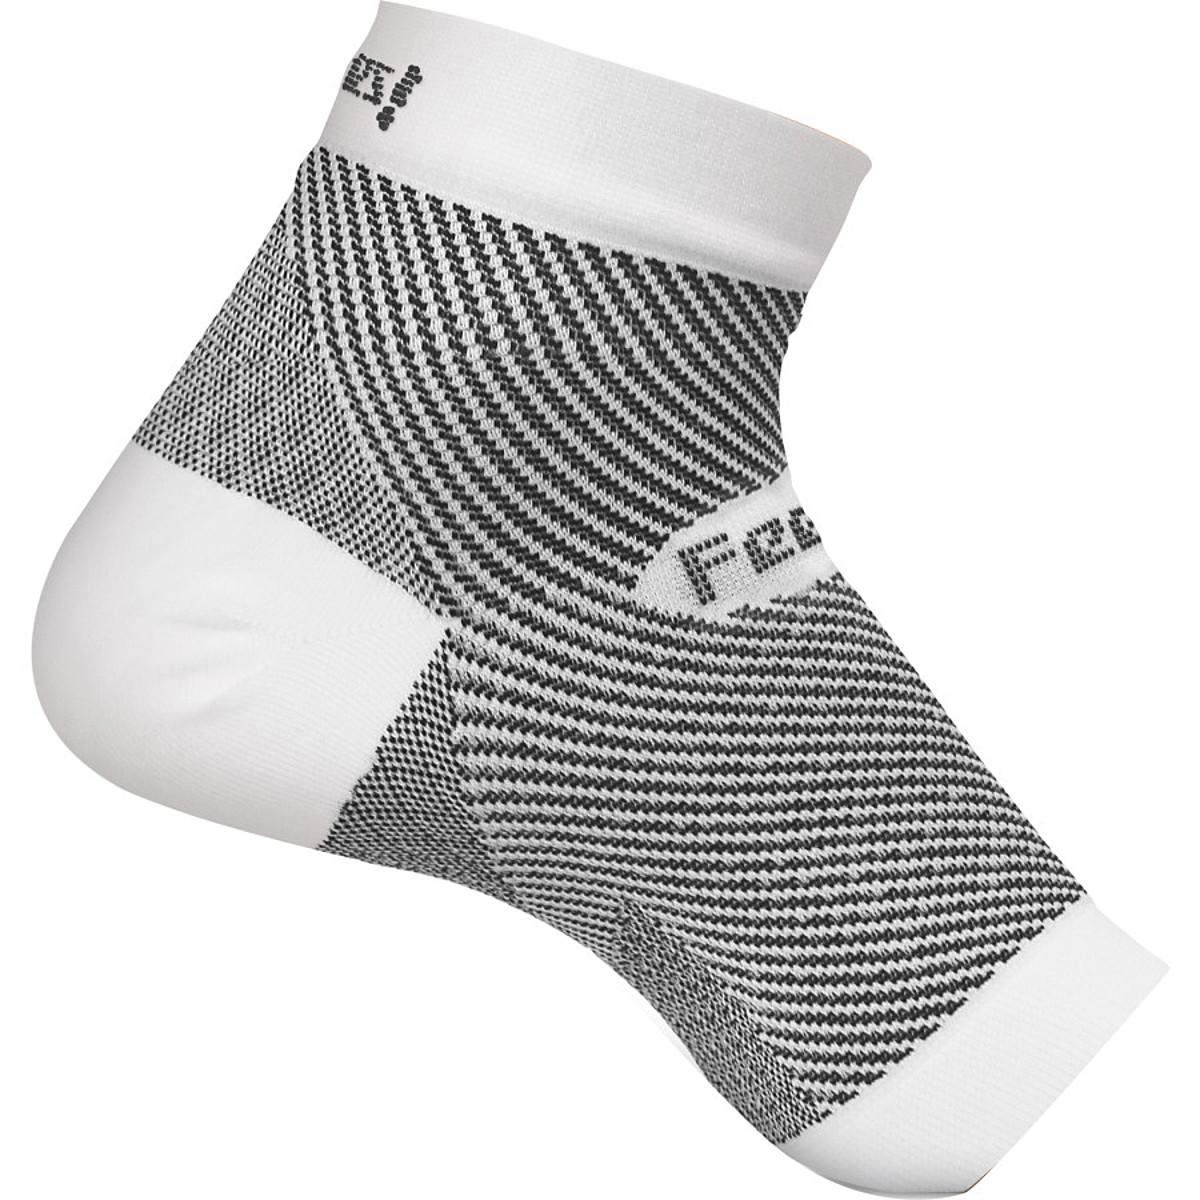 Feetures! Plantar Facsiitis Sleeve